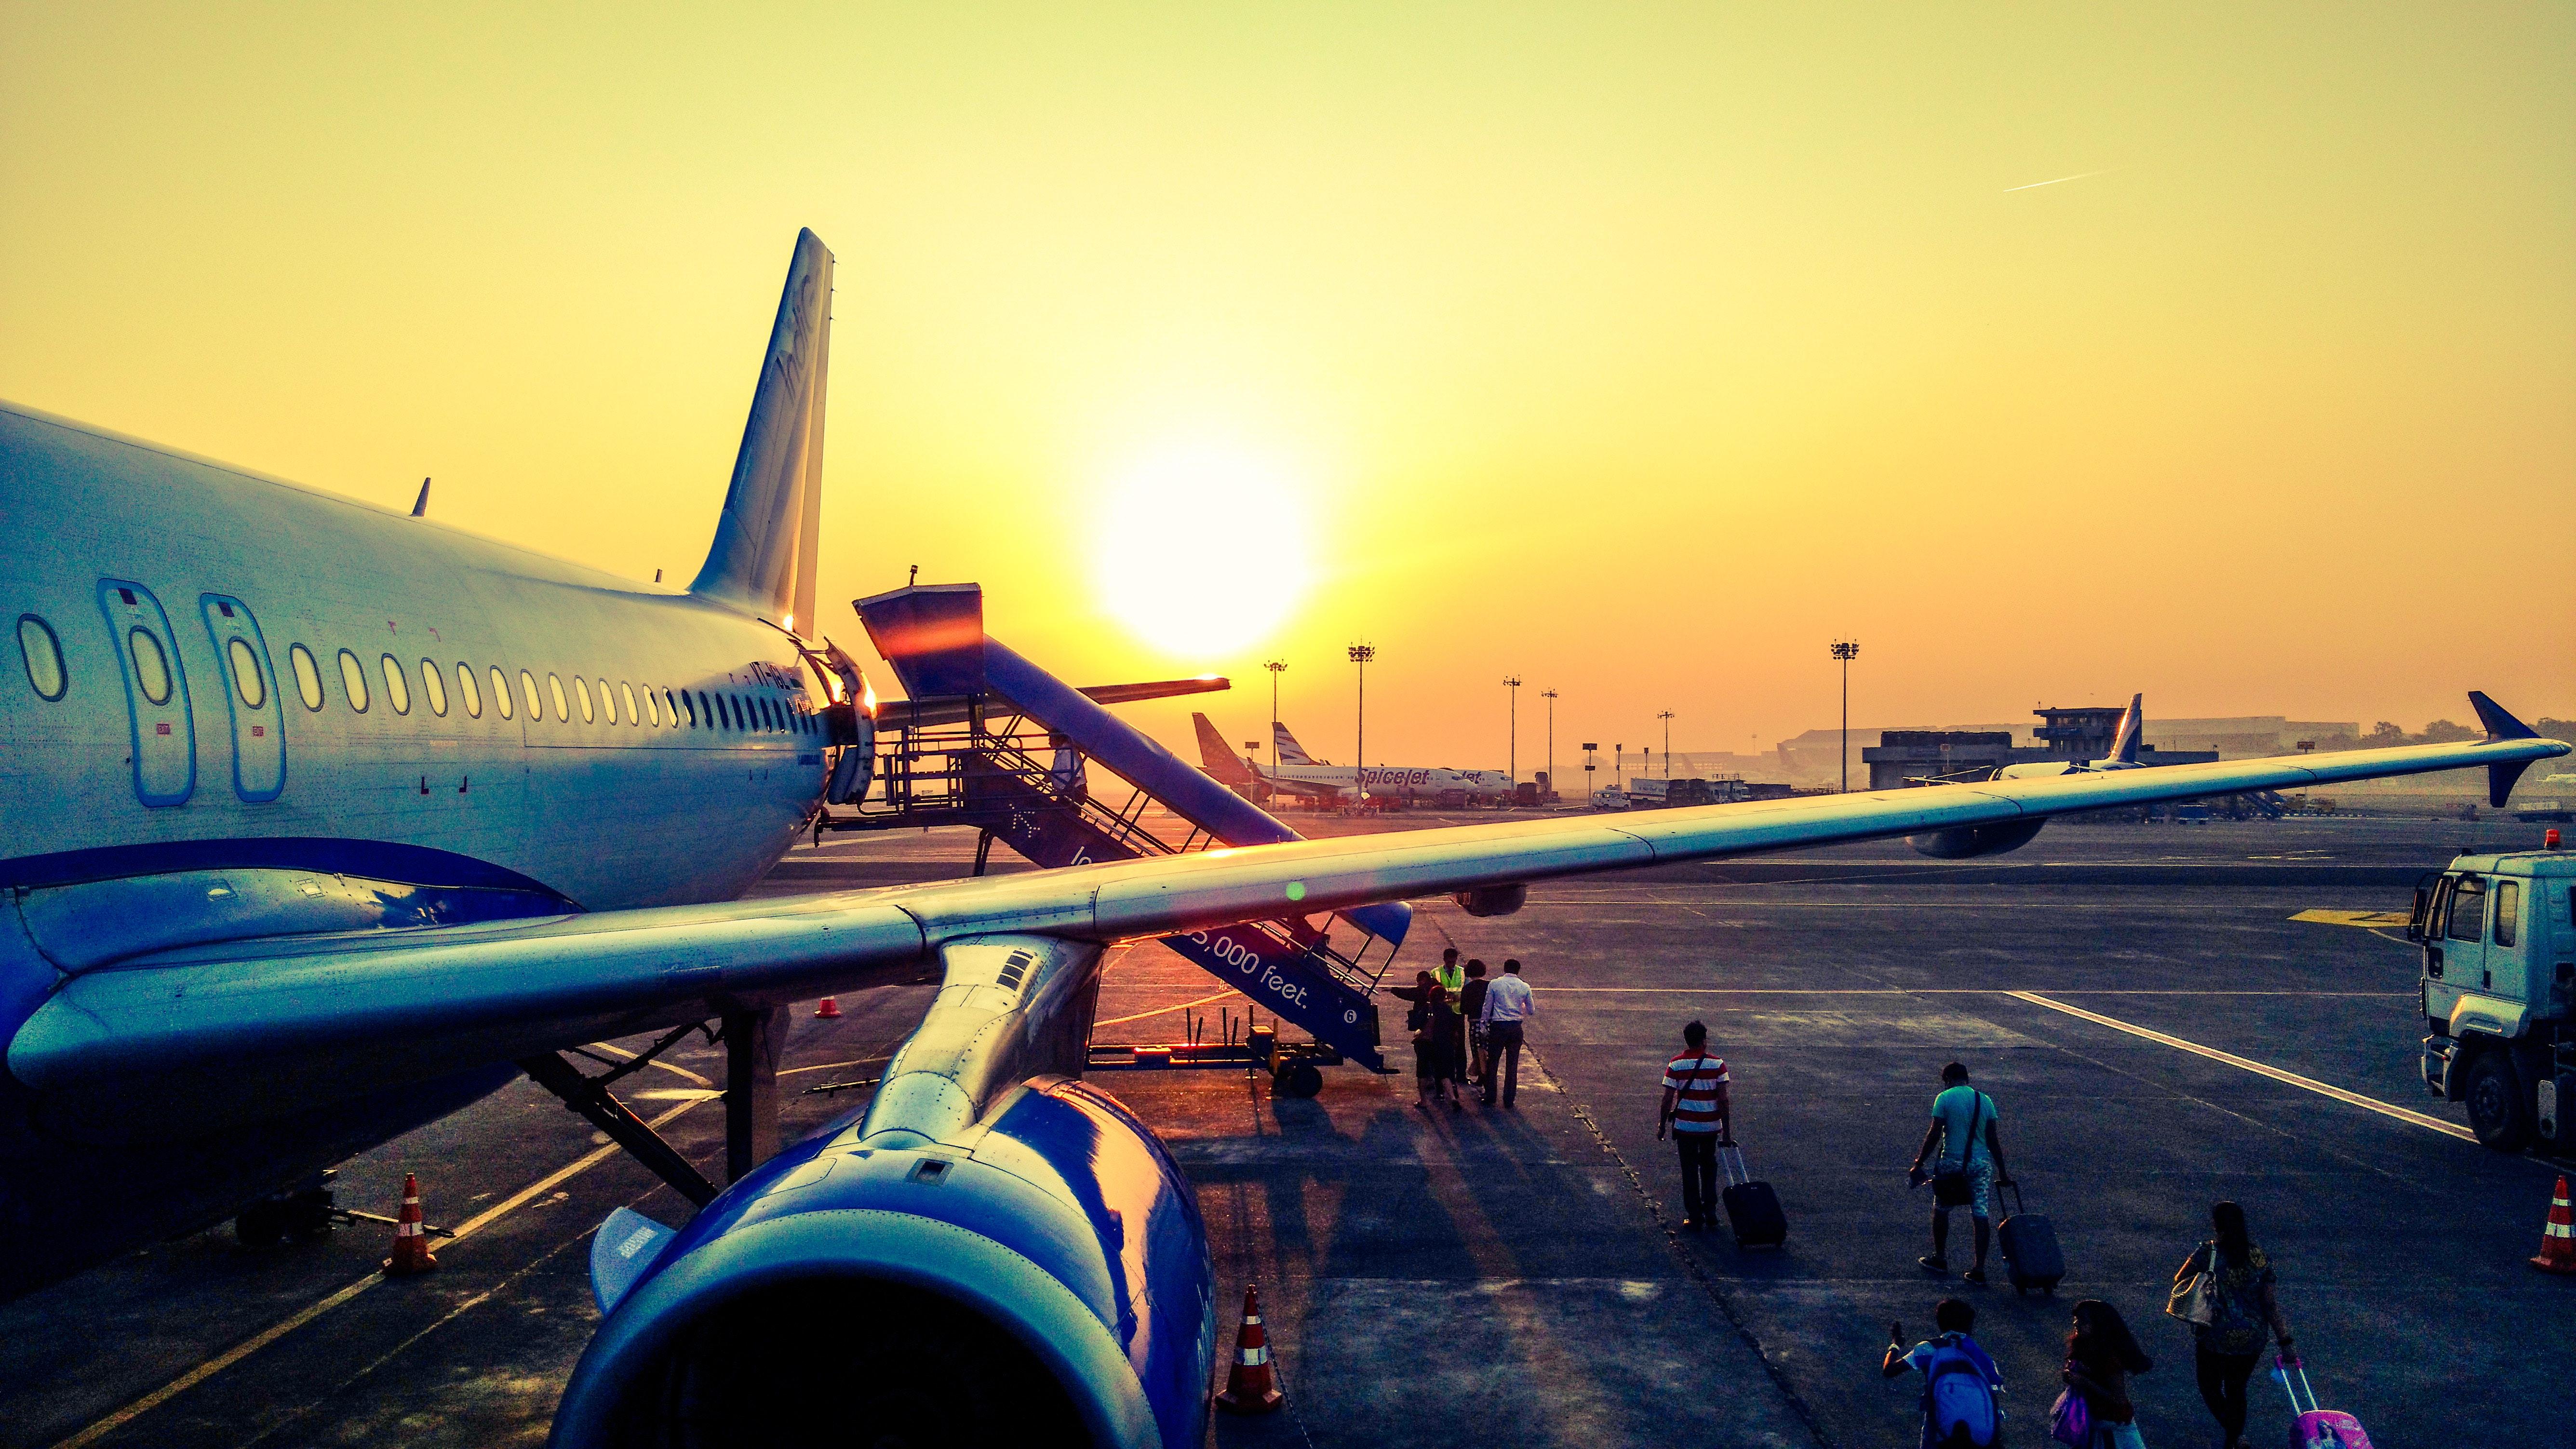 Fabricantes de aviones tendrán significativas perdidas debido a pandemia